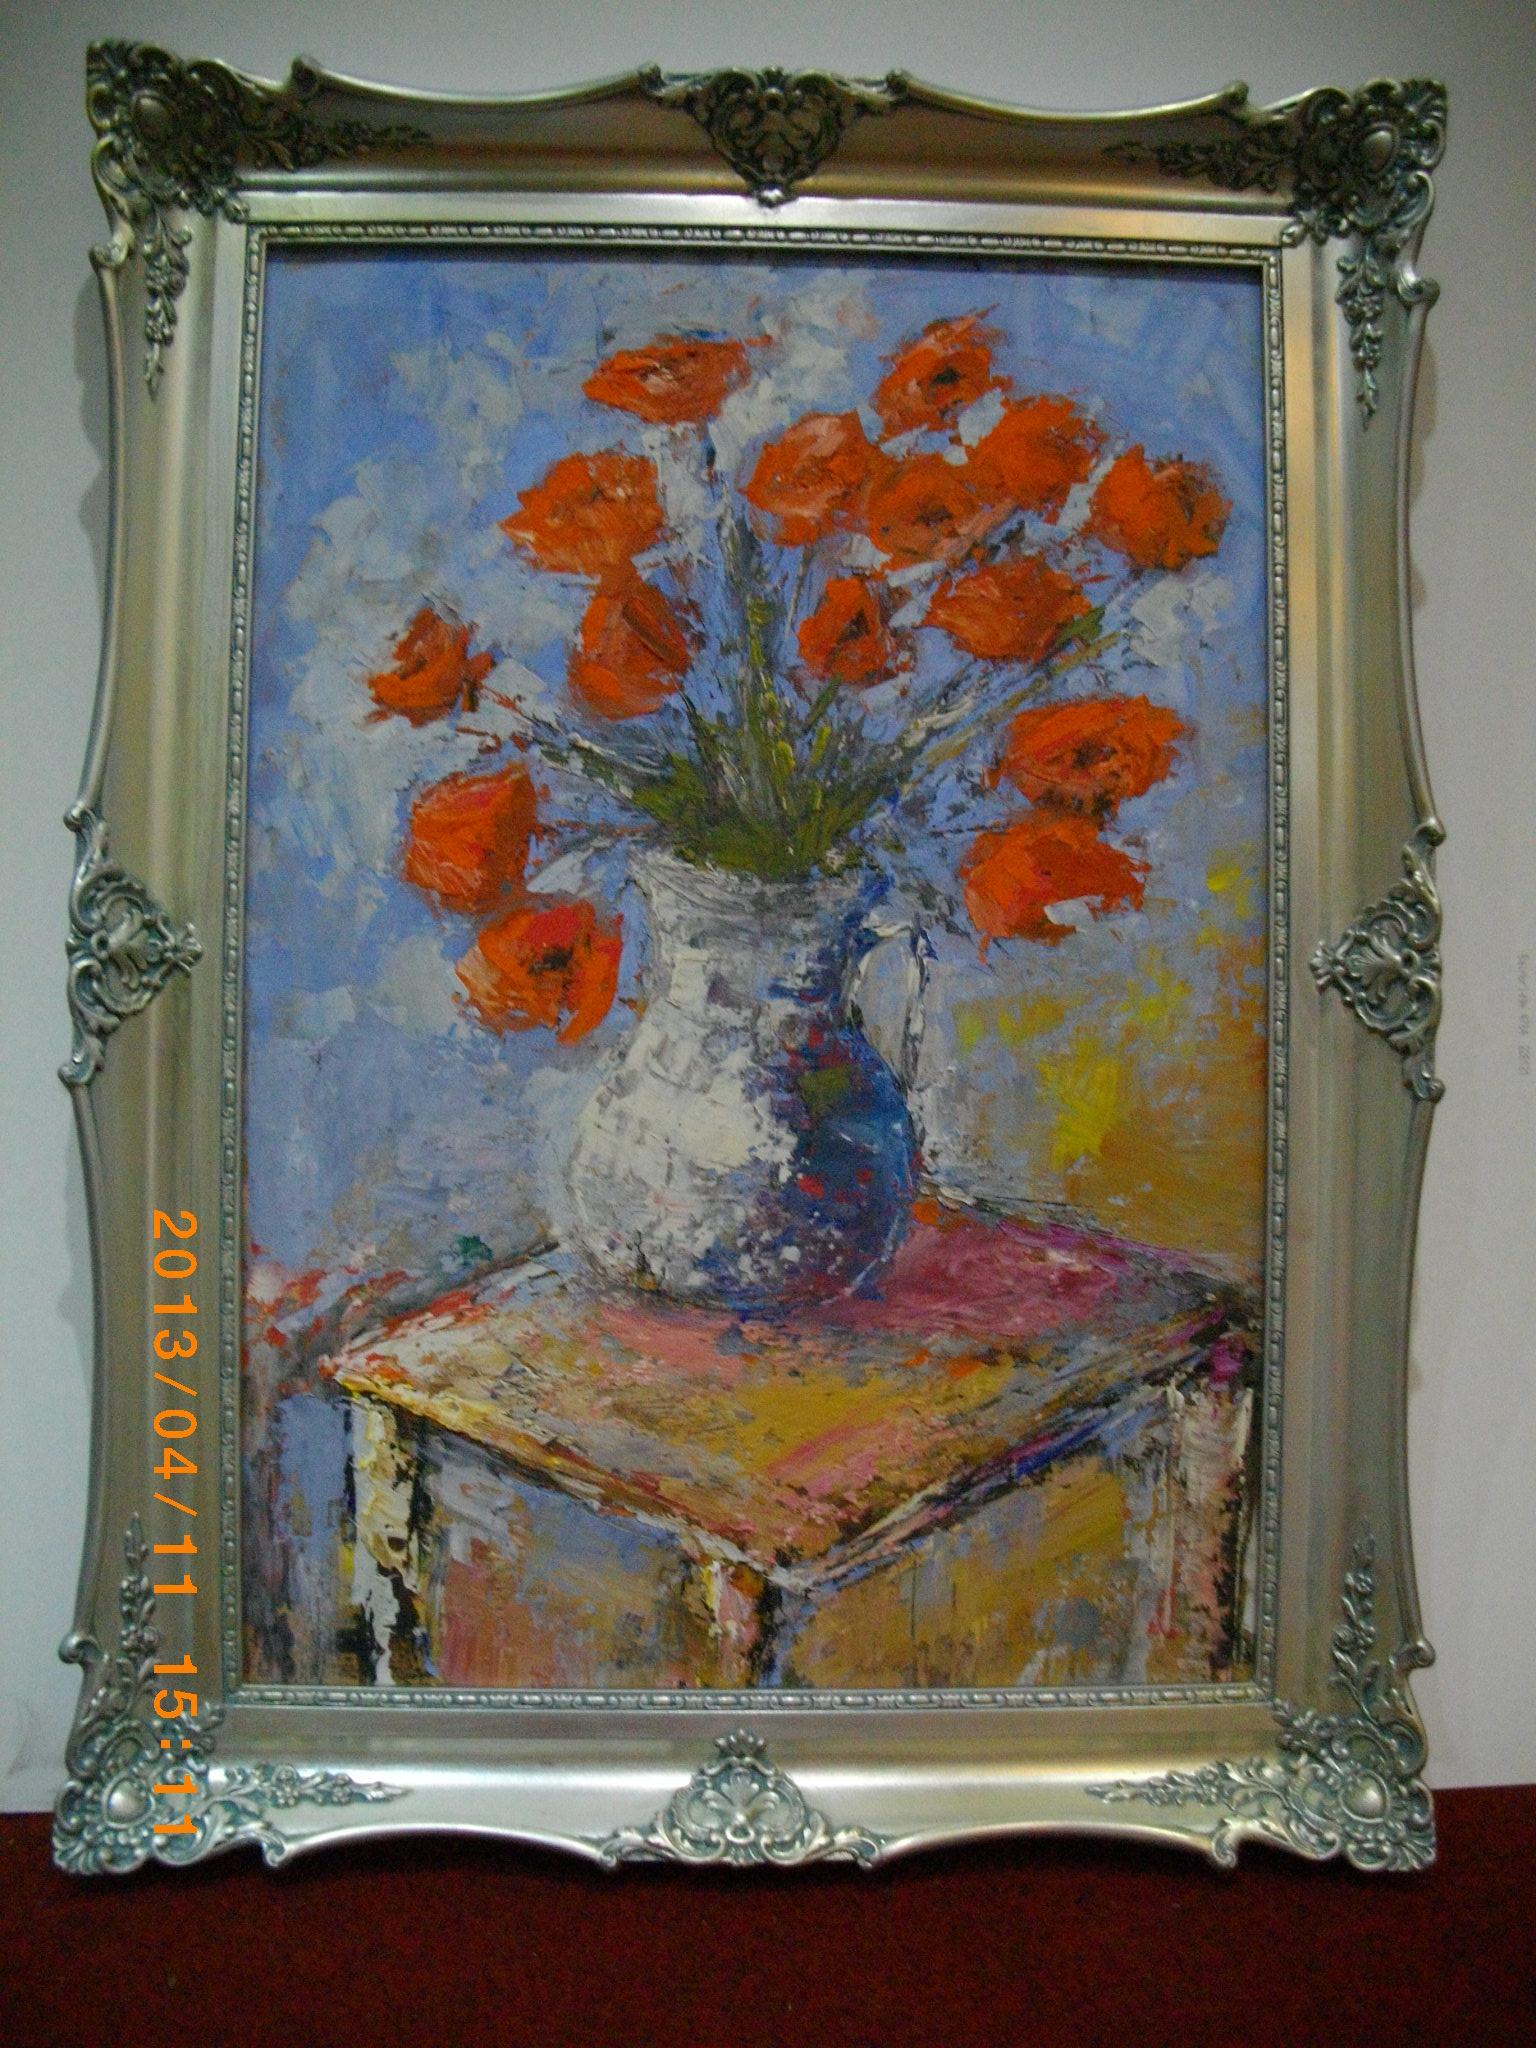 képkeret képkeretezés www.kepmalom.hu fotó 66